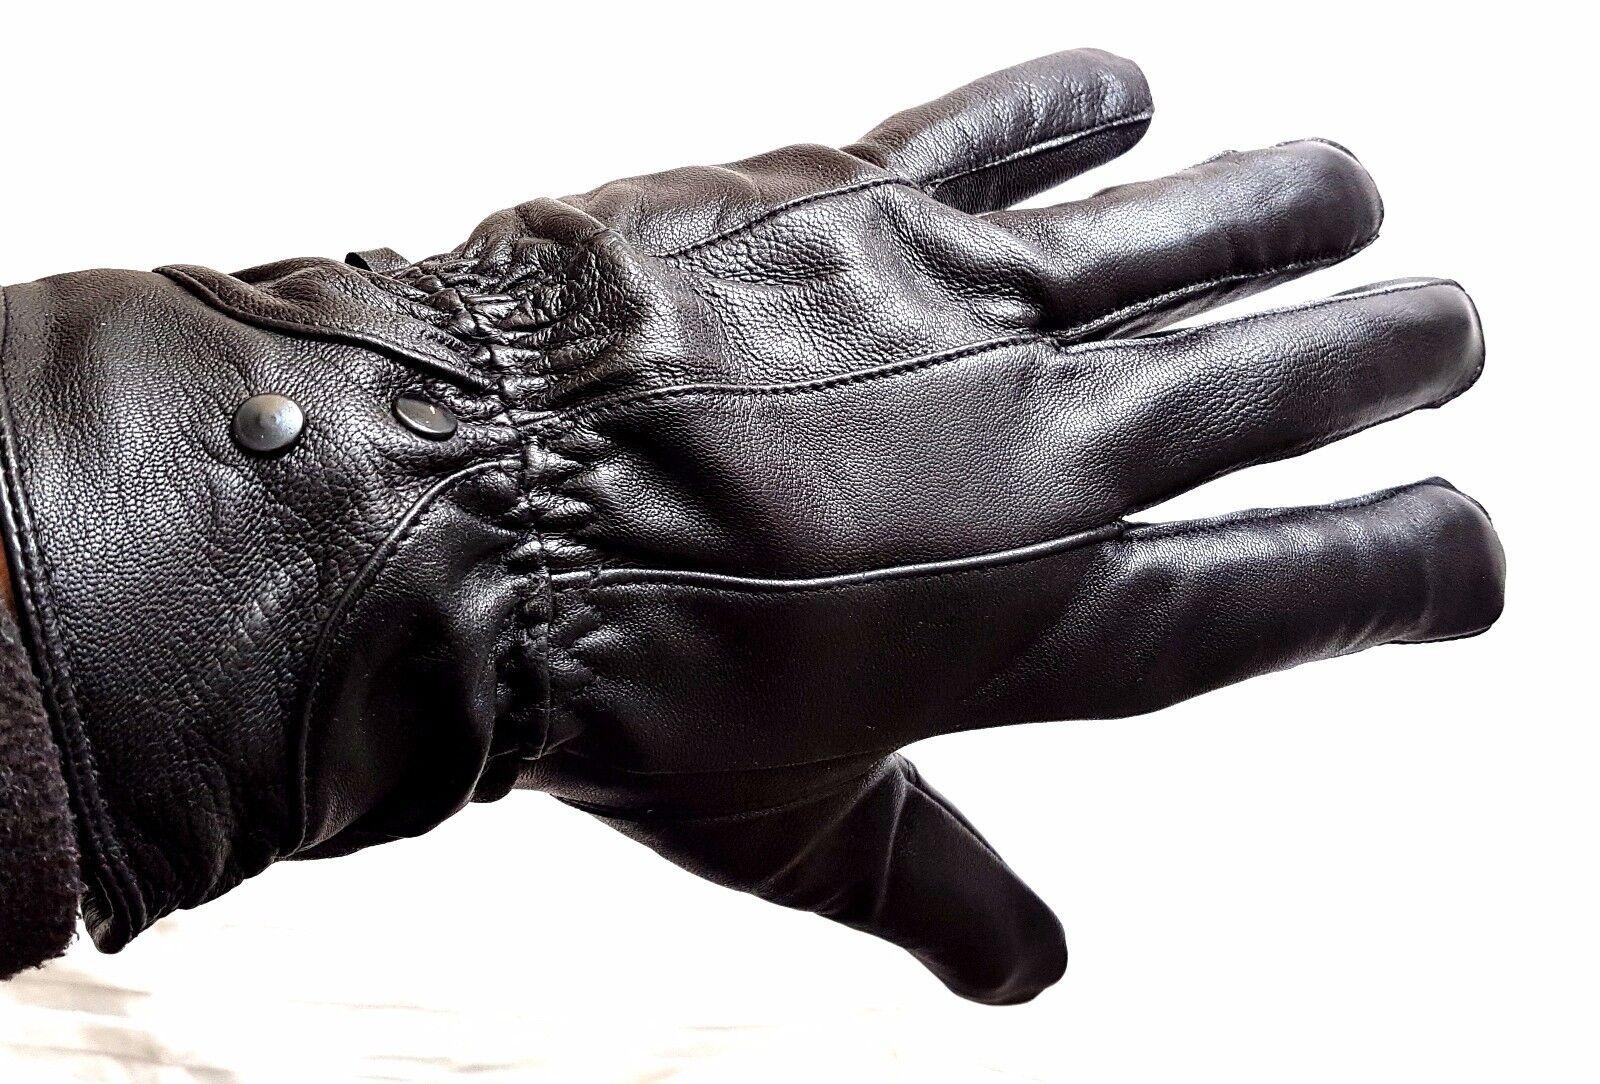 Black 100% Genuine Leather Gloves for Men's